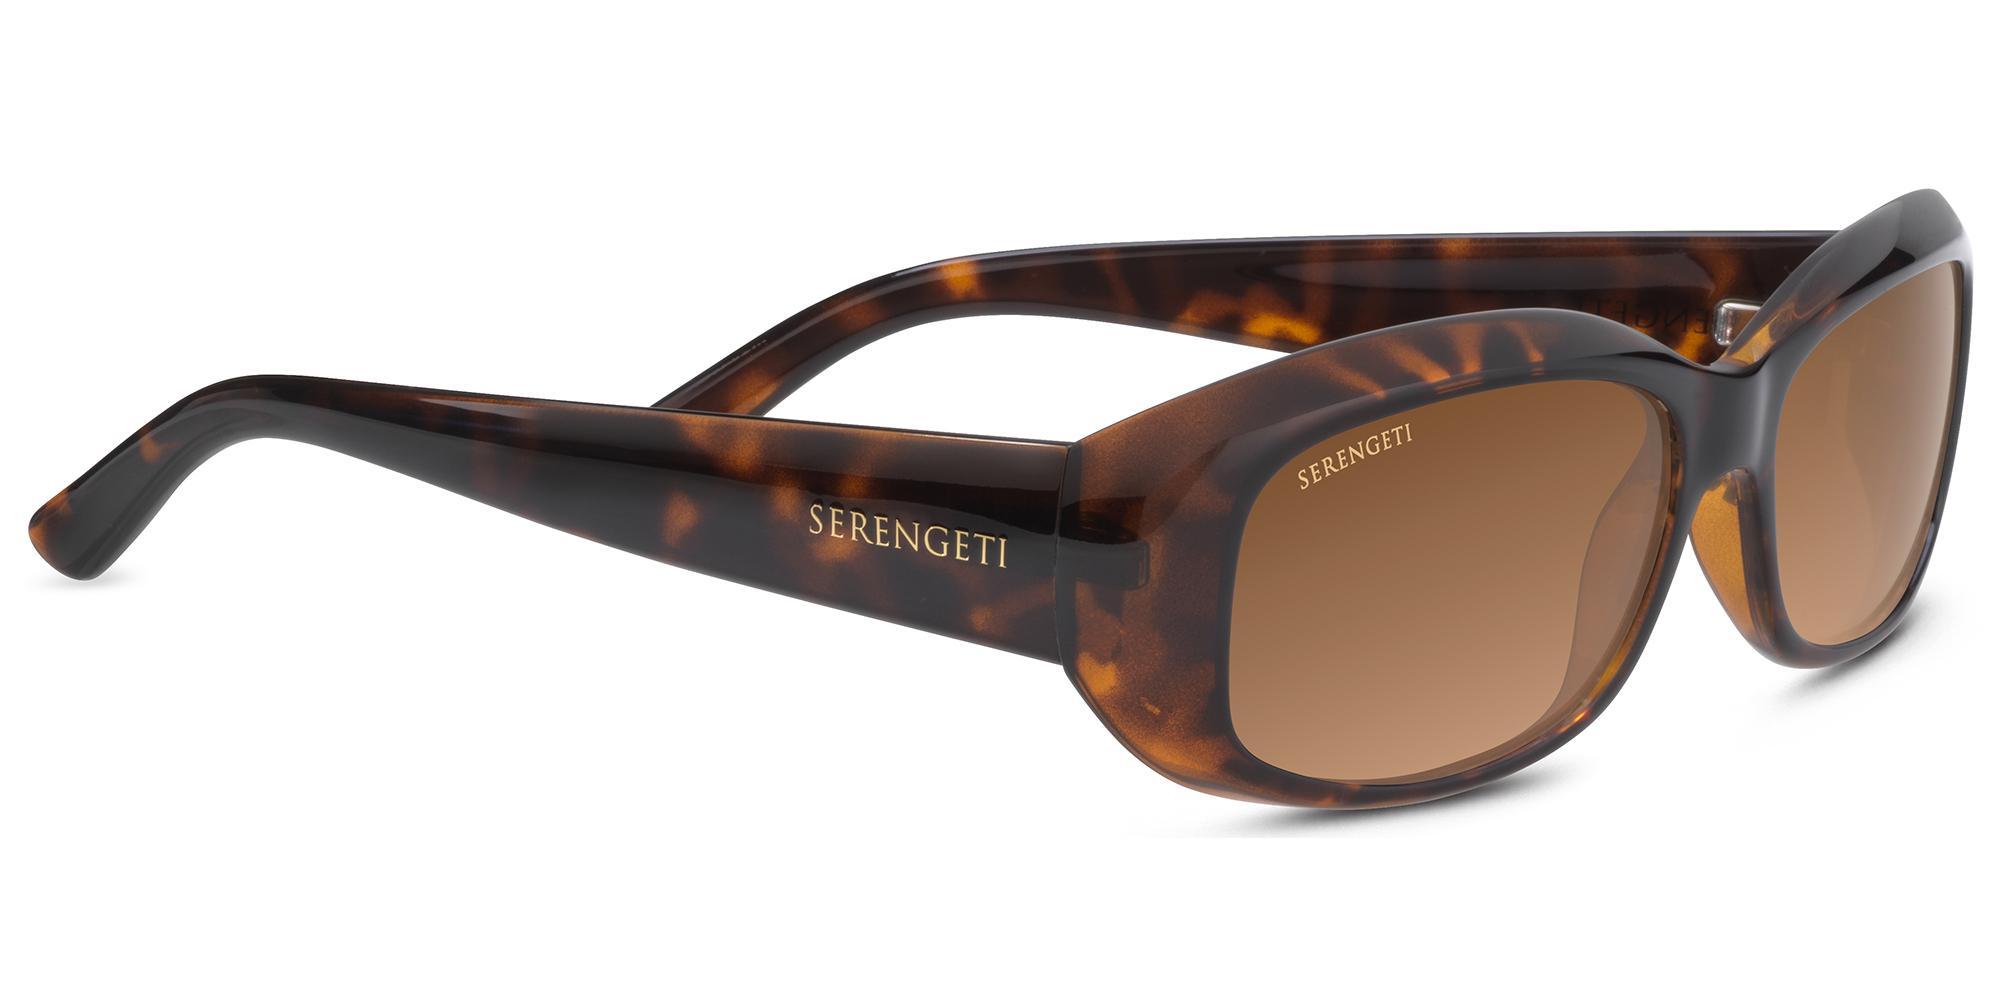 8978 BIANCA Sunglasses, Serengeti